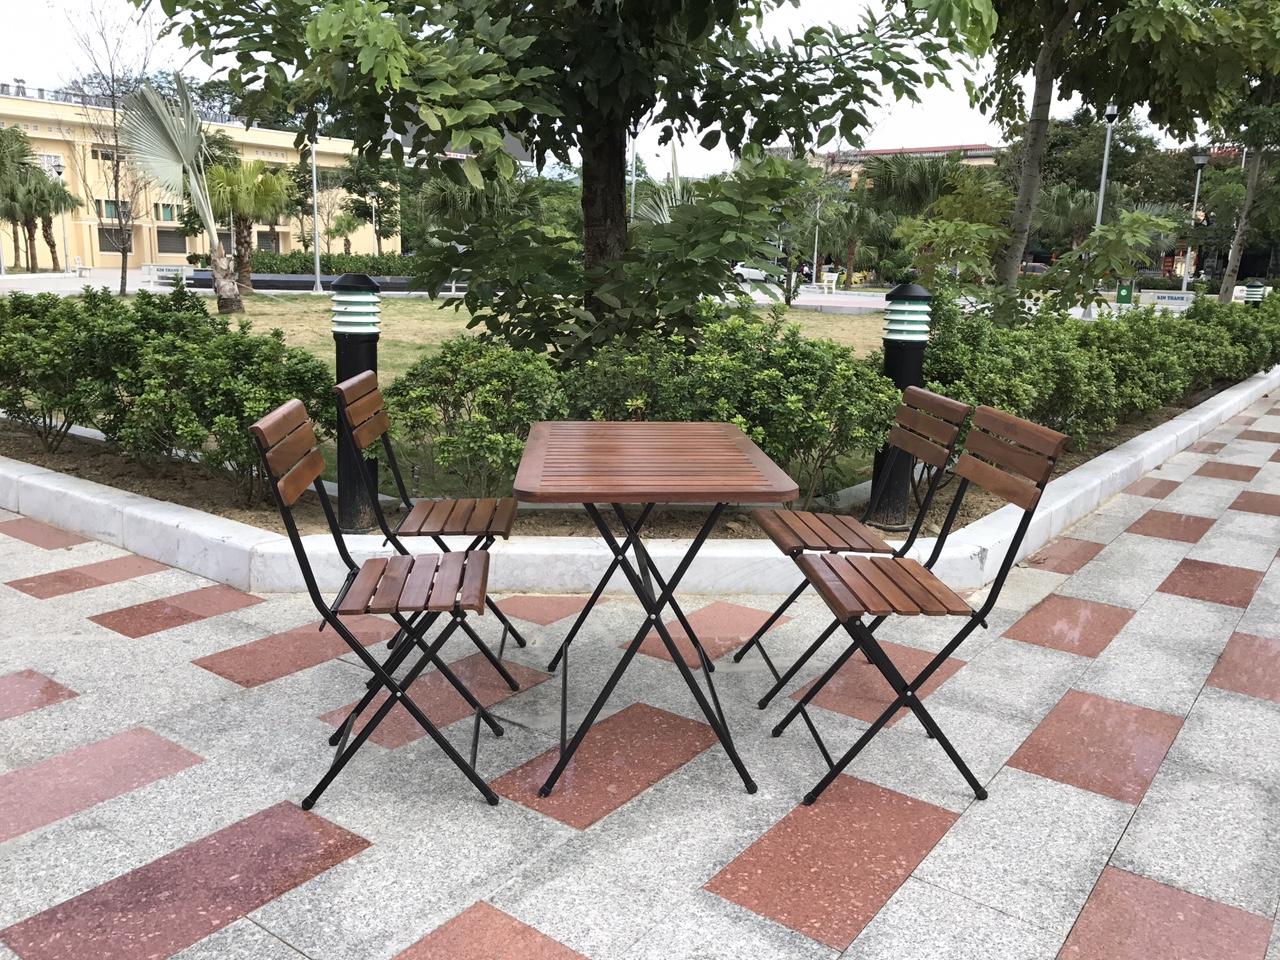 bàn ghế cafe cũ dạng gấp được nhiều chủ quán lựa chọn vì tiện lợi trong quá trình sử dụng